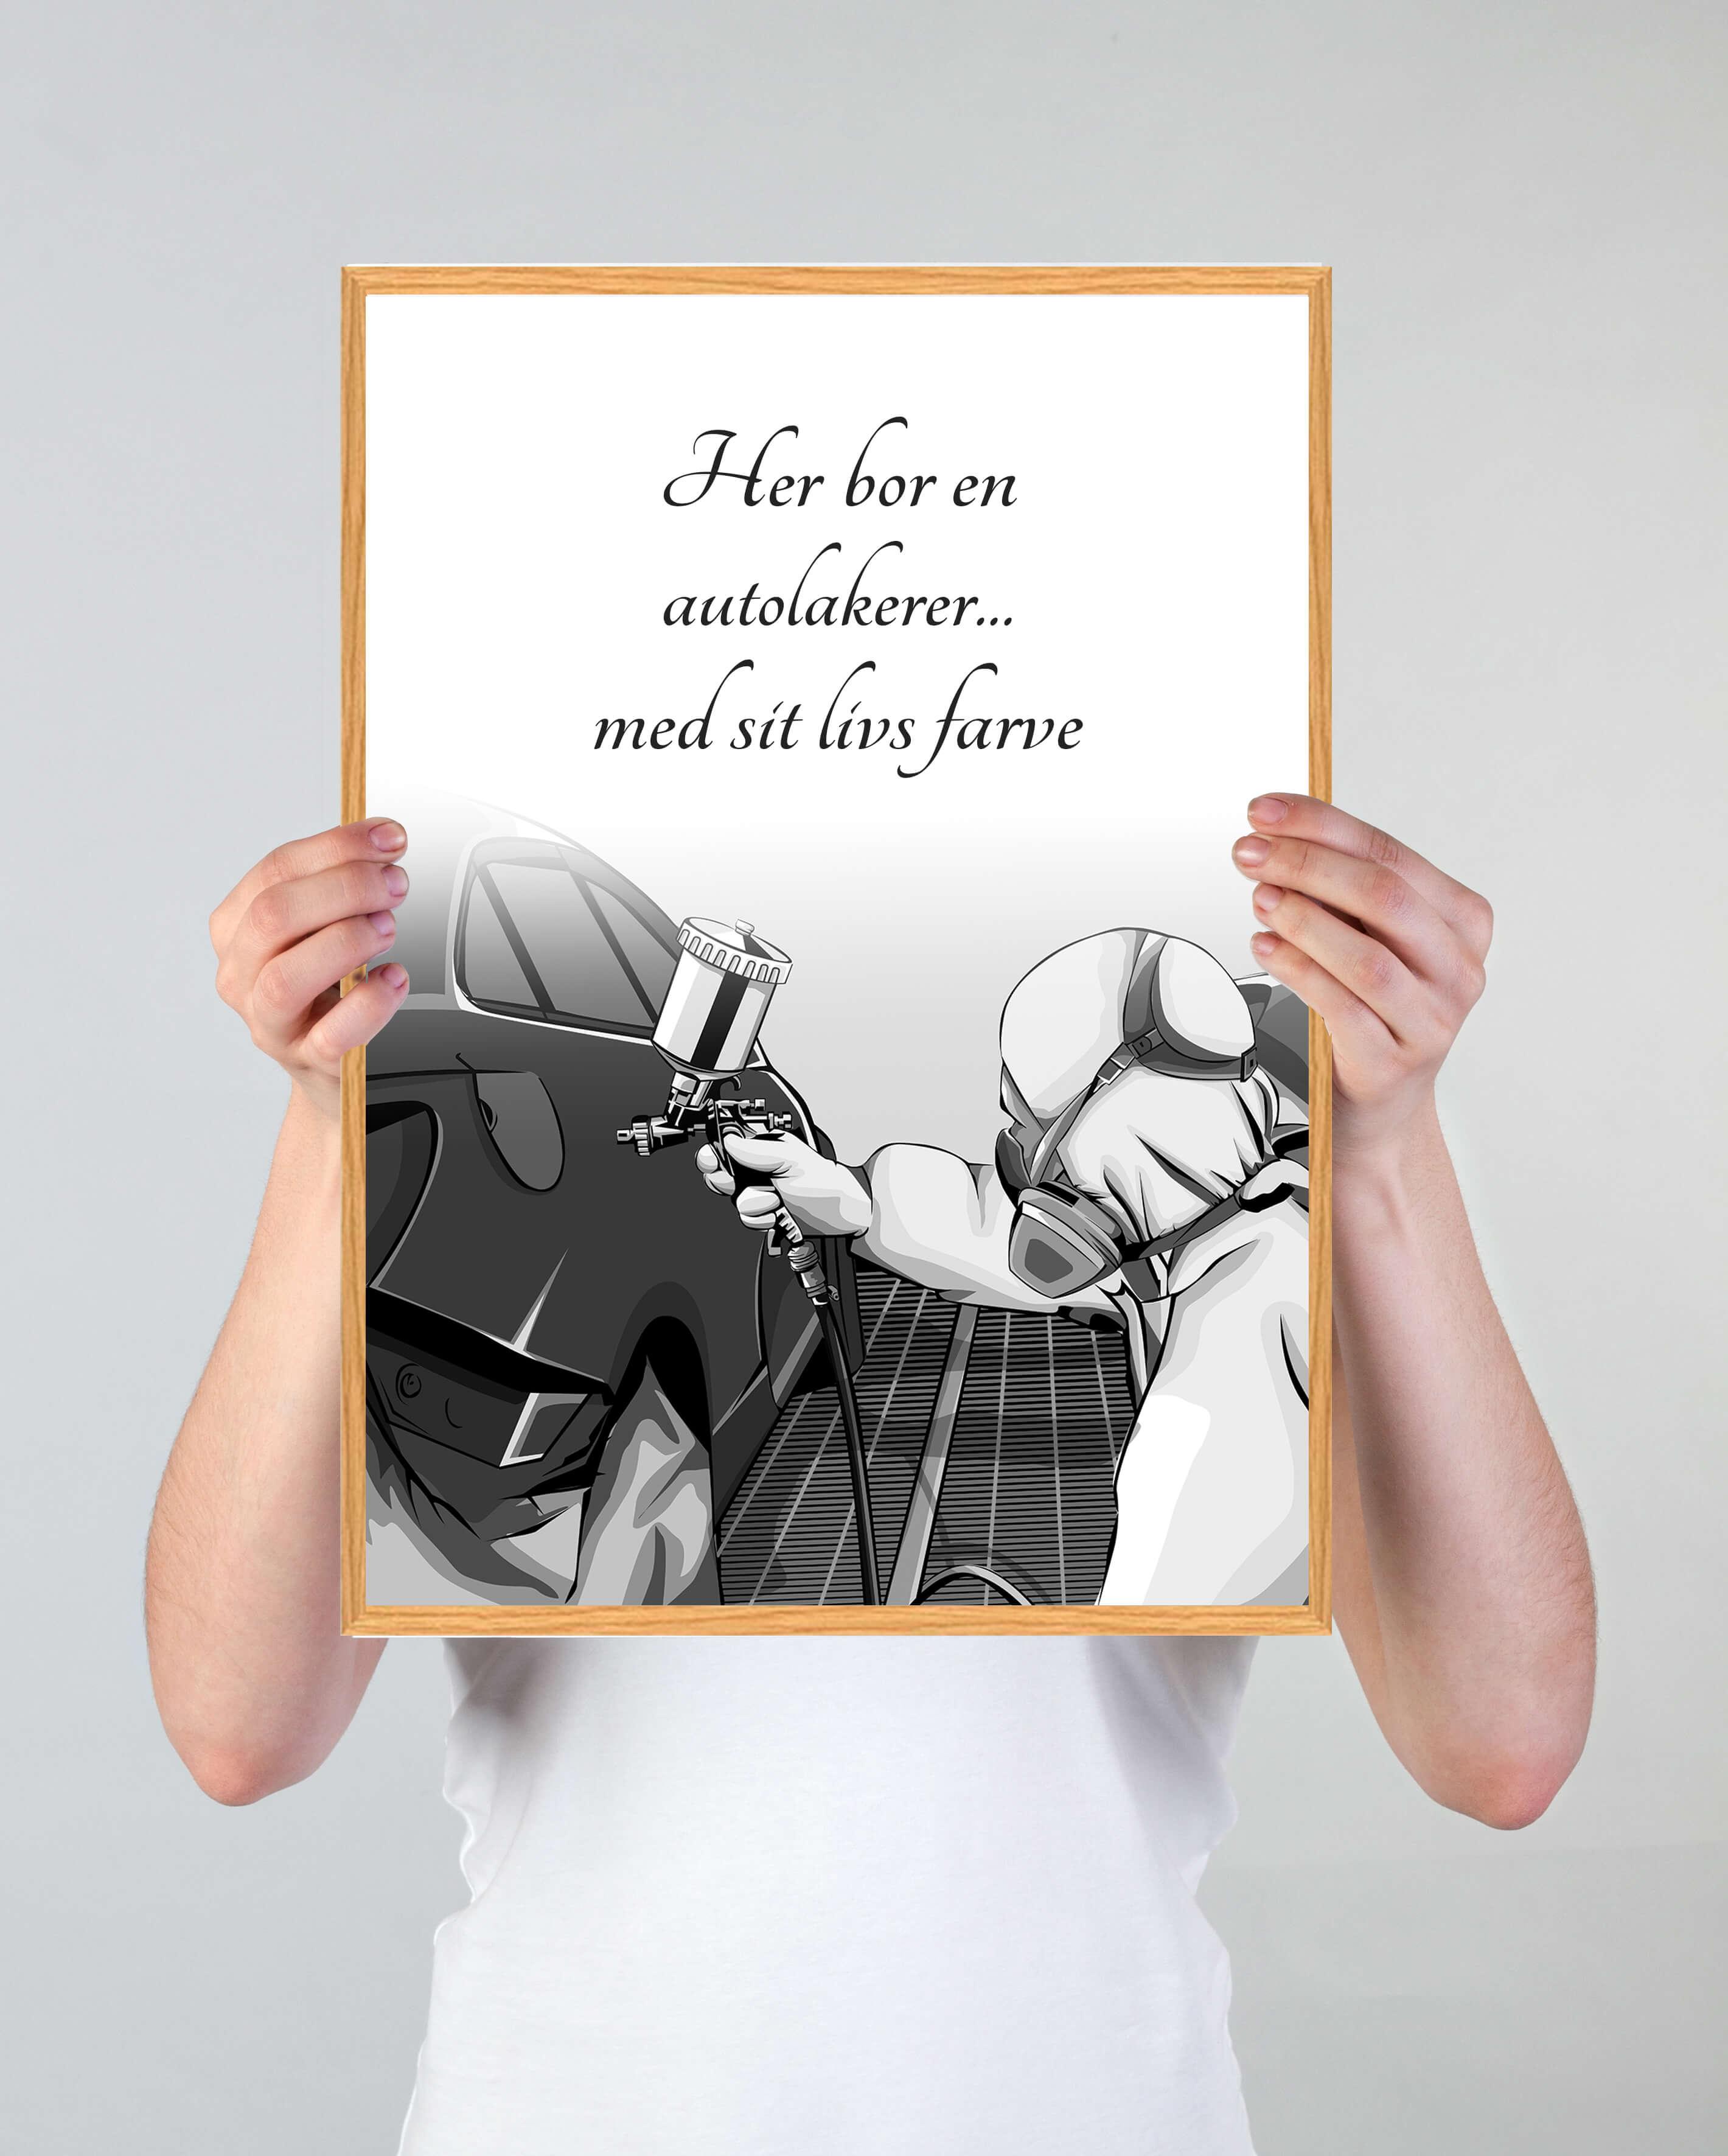 Autolakerer-gave-plakat